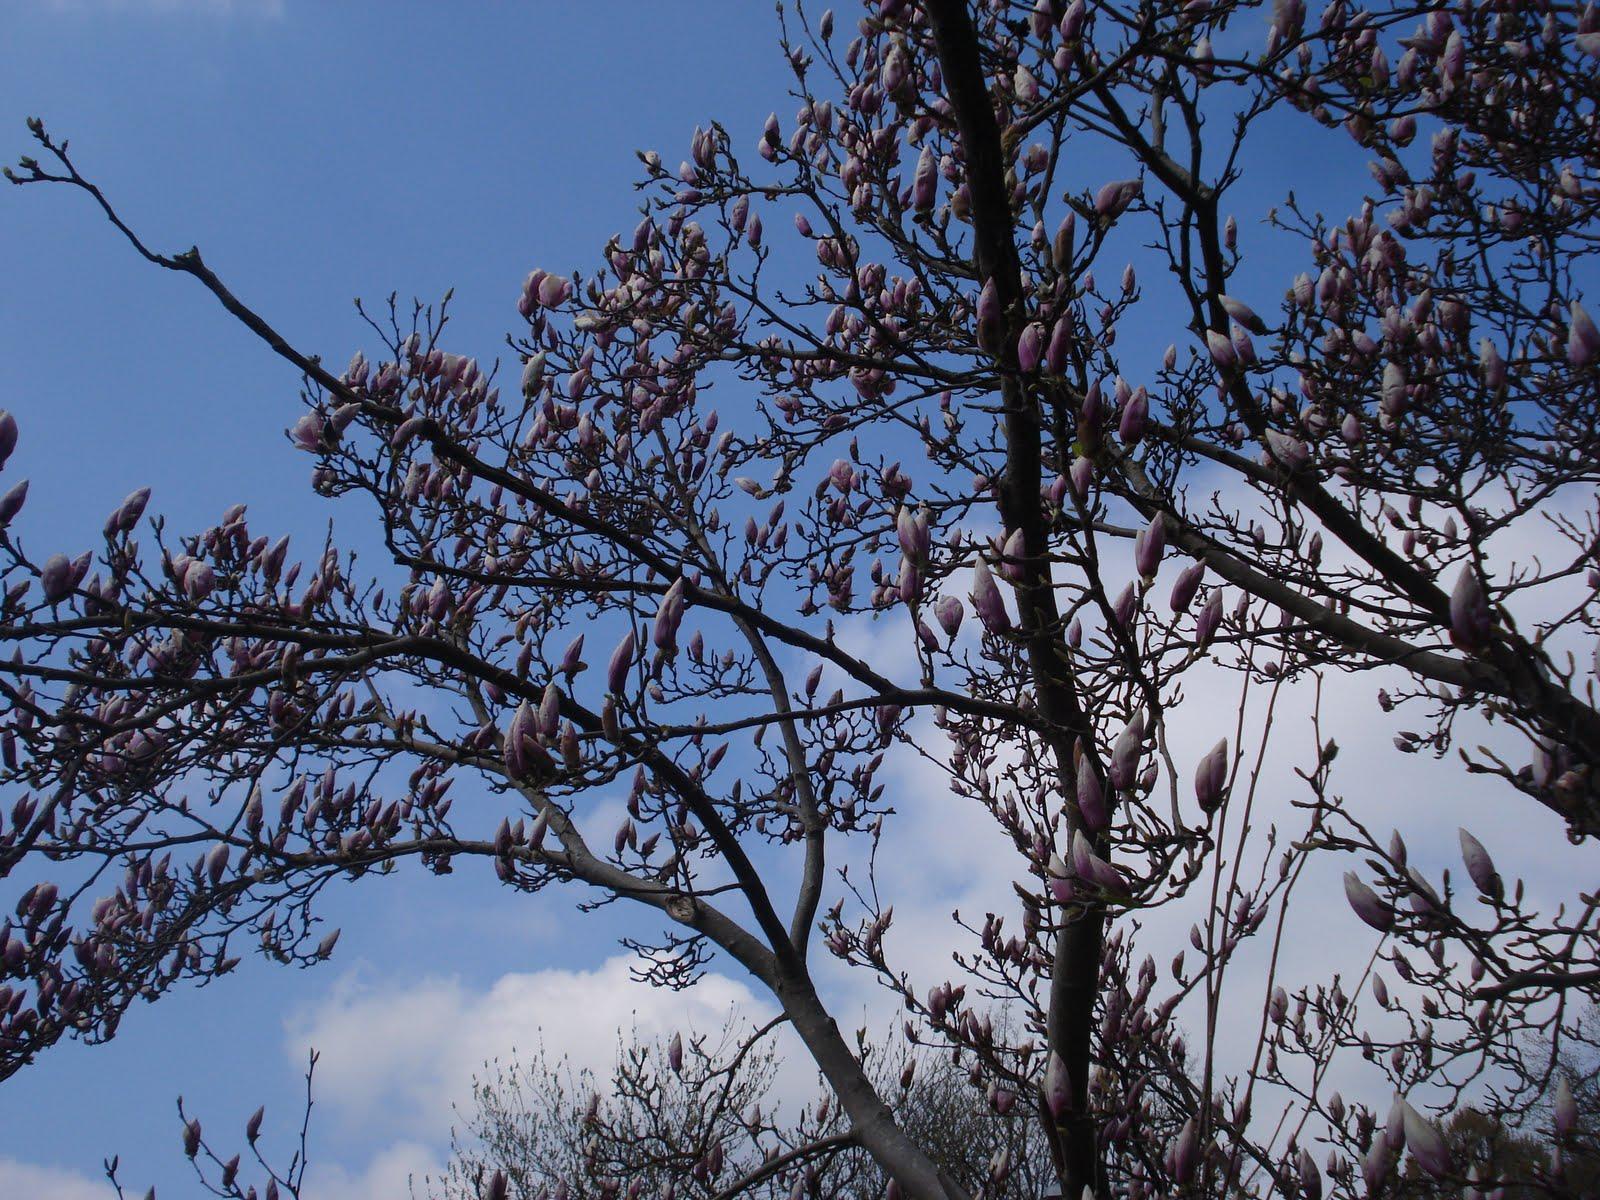 Agora as árvores não são mais secas e o céu é azul e o passeio  #405E8B 1600x1200 Banheiro Cachorro Grama